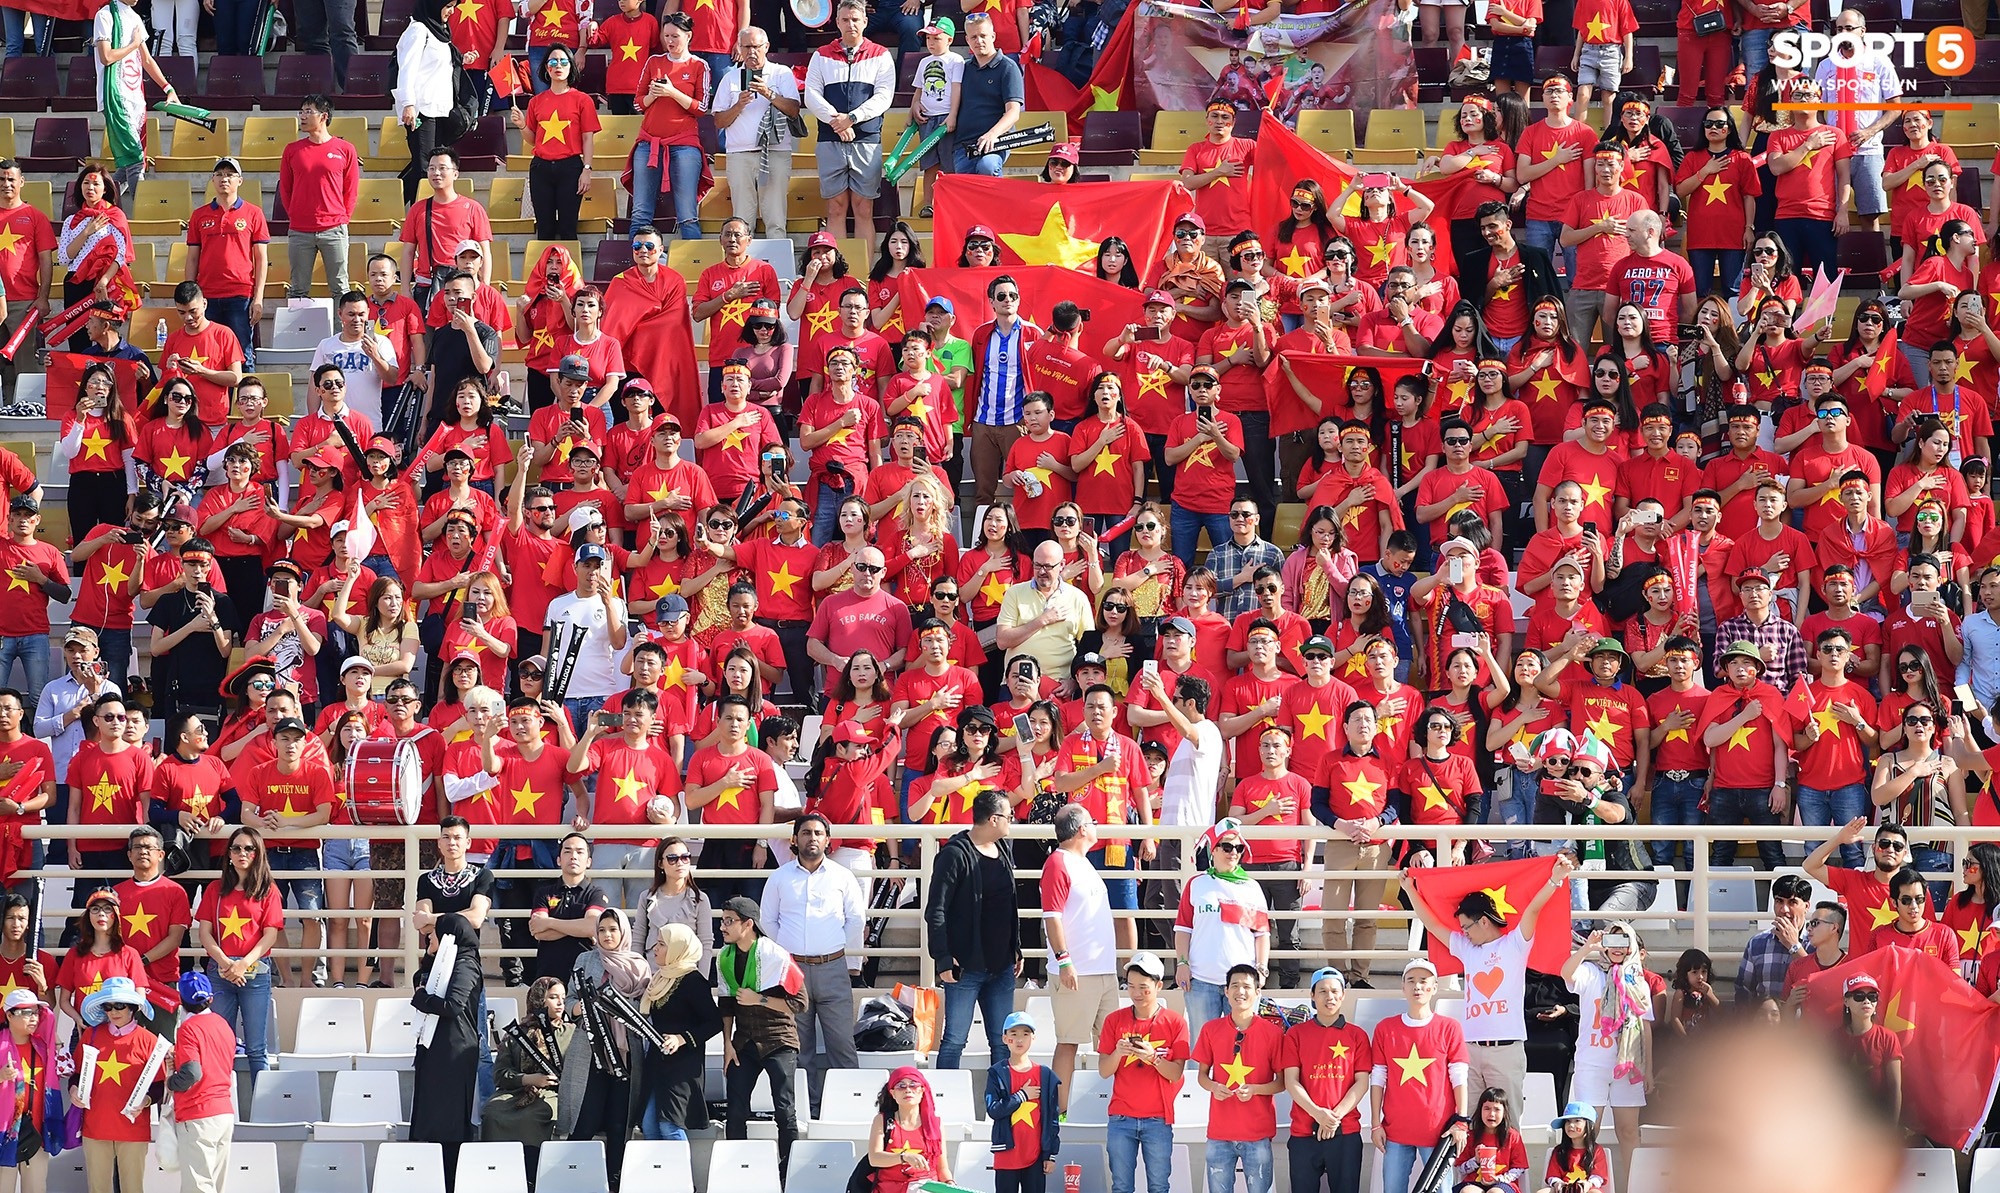 CĐV Việt Nam ở UAE đánh thủng chiếc trống duy nhất vì quá nhiệt ở trận thua Iran - Ảnh 3.